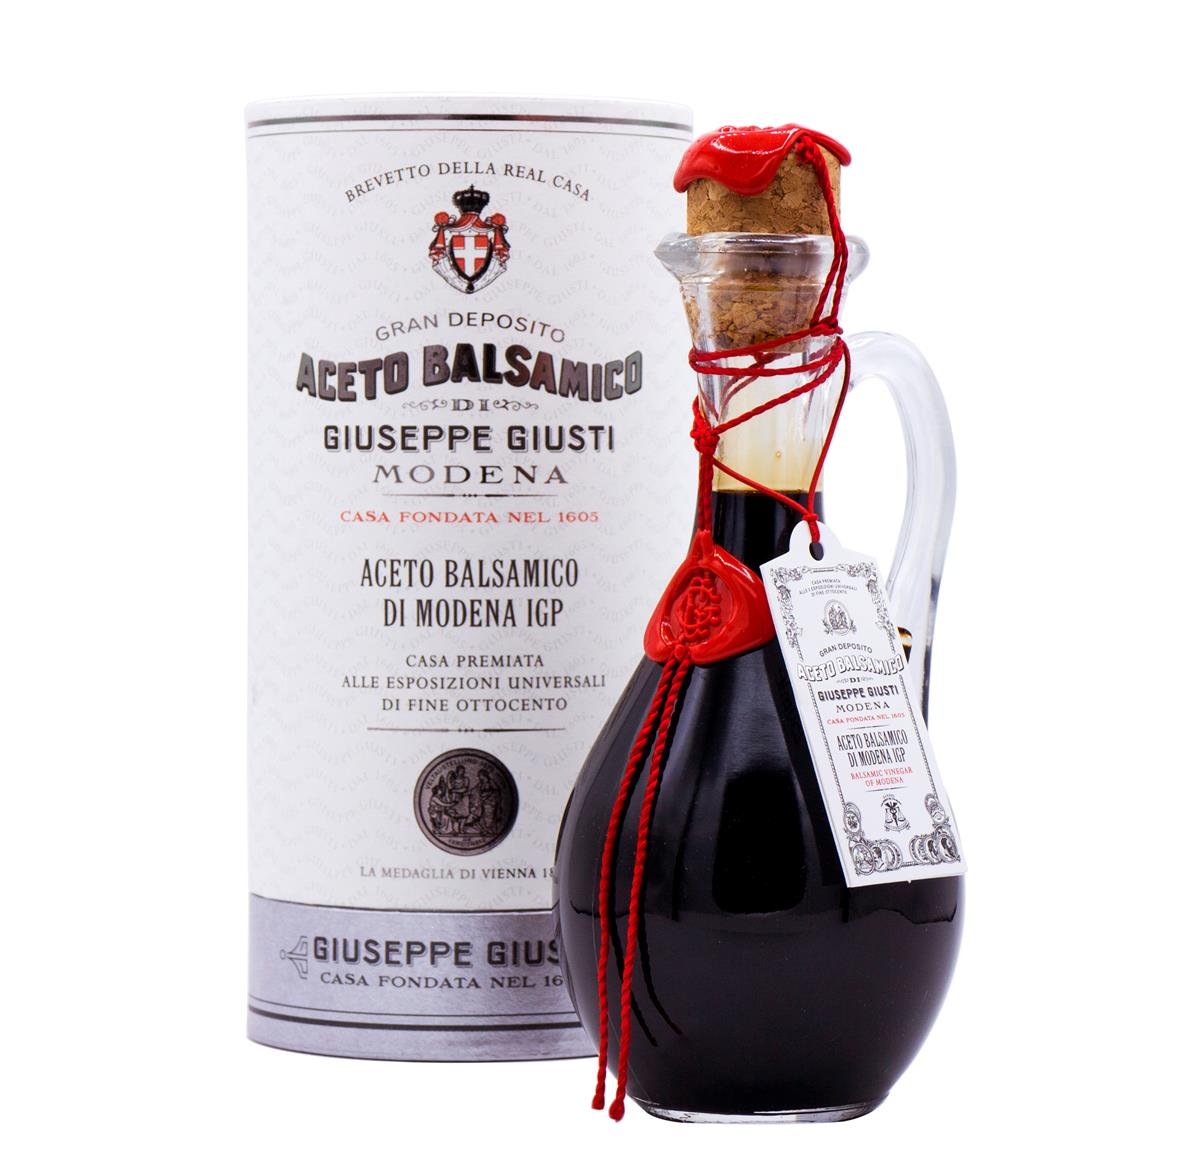 Aceto Balsamico di Modena IGP - 1 Medaglia d'Argento - Anforina Modenese in cappelliera da 250 ml